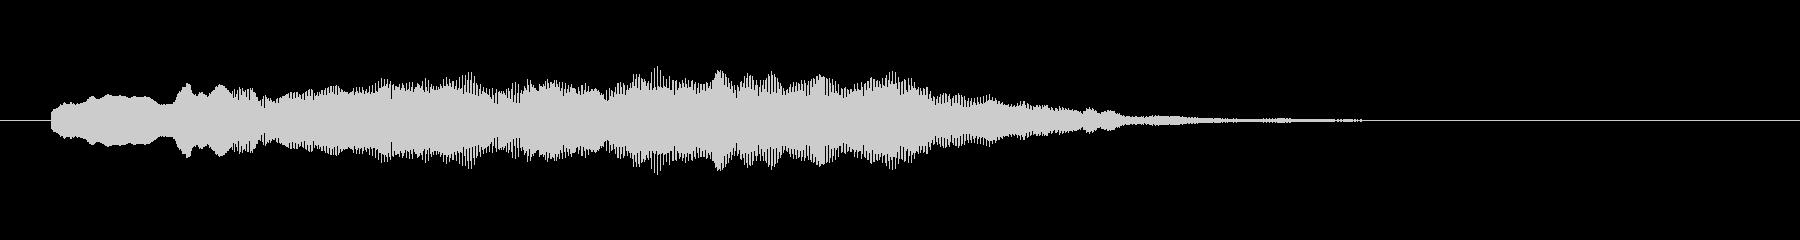 爽やかかつファンタジックなサウンドロゴの未再生の波形